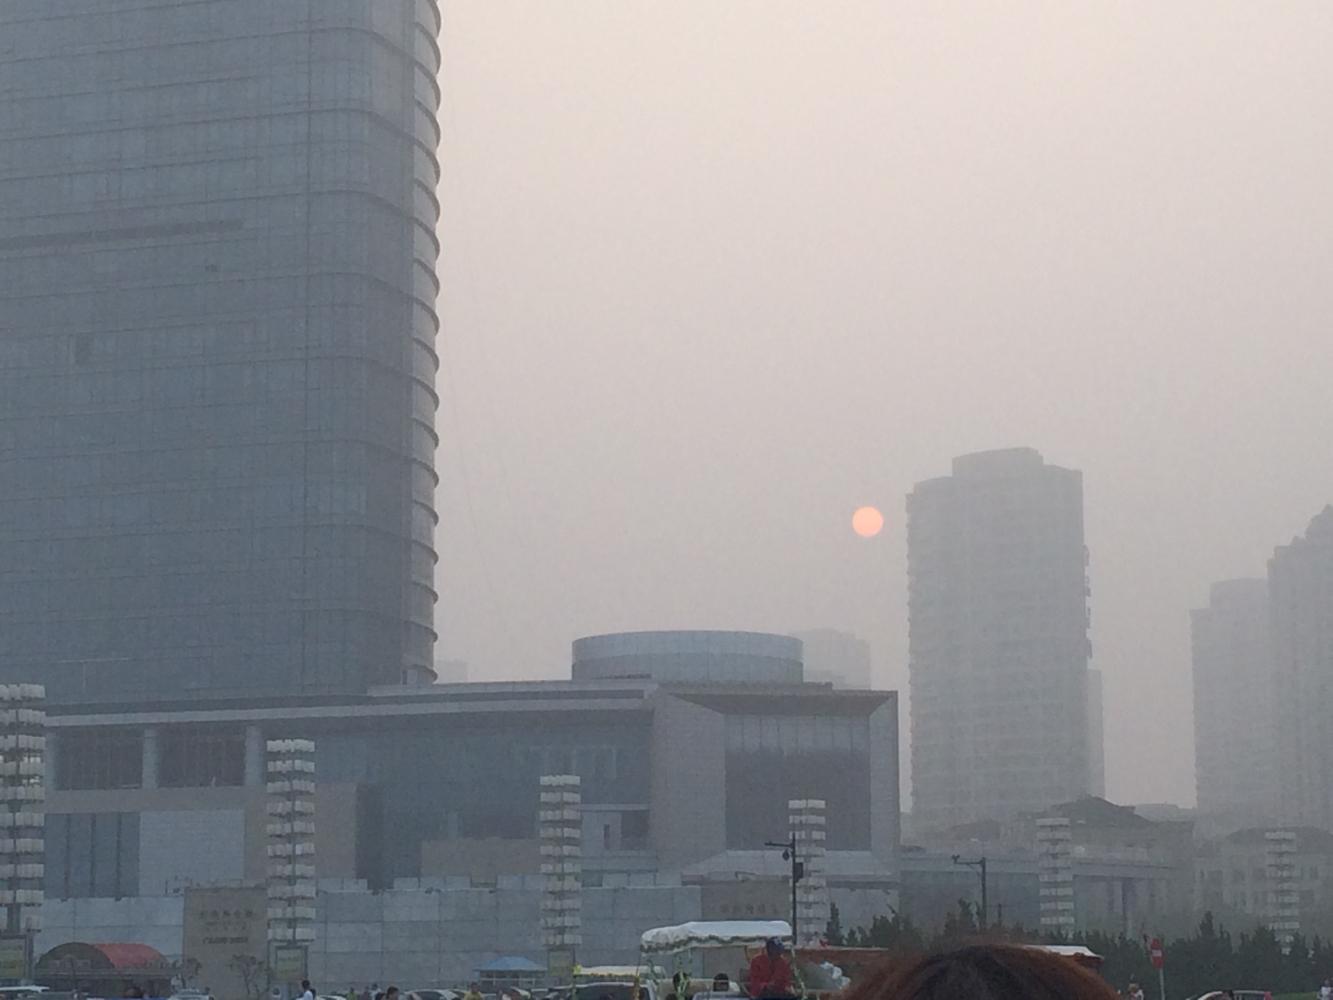 Luftverschmutzung. Nein, das ist nicht der Mond.